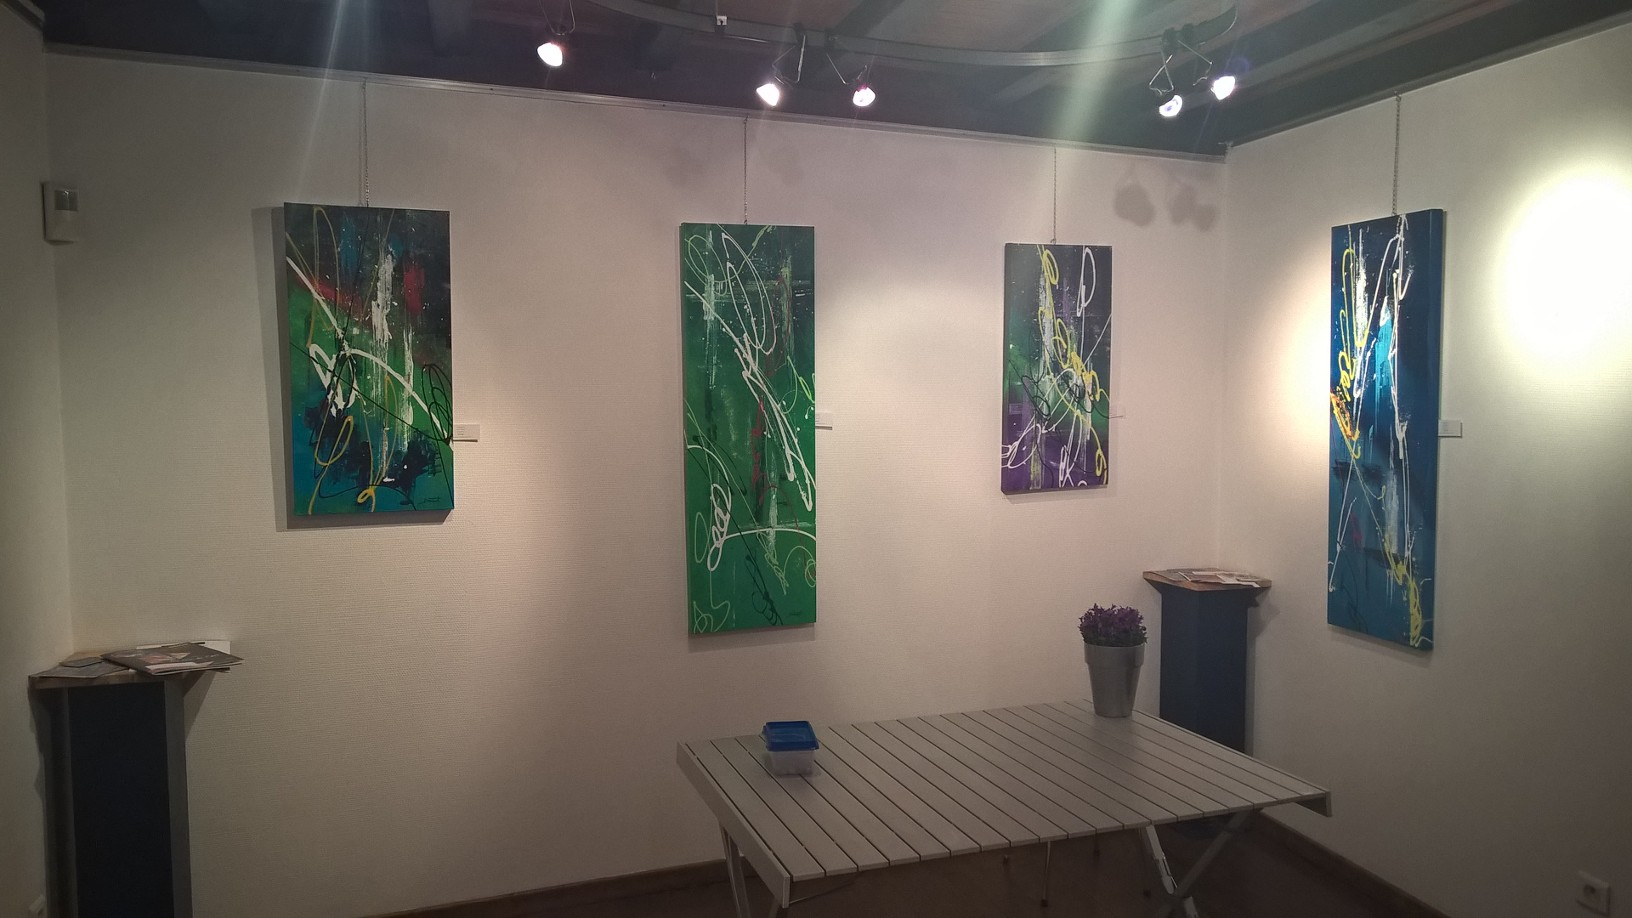 peinture abstraite annecy exposition